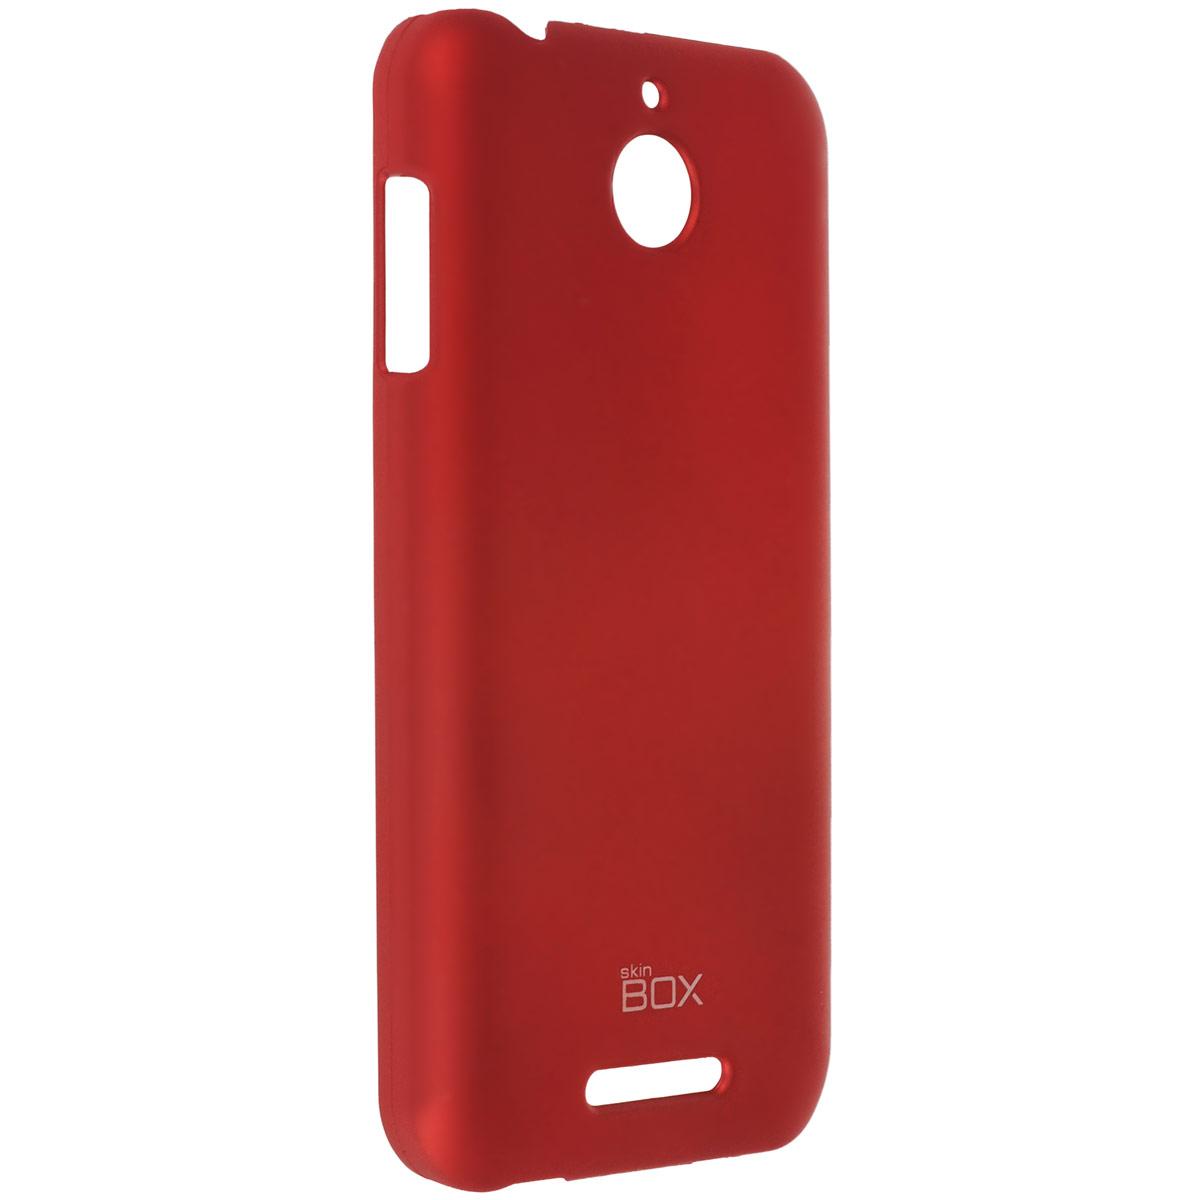 Skinbox Shield 4People чехол для HTC Desire 510, RedT-S-HD510-002Чехол Skinbox Shield 4People дляHTC Desire 510 предназначен для защиты корпуса смартфона от механических повреждений и царапин в процессе эксплуатации. Имеется свободный доступ ко всем разъемам и кнопкам устройства. В комплект также входит защитная пленка на экран телефона.